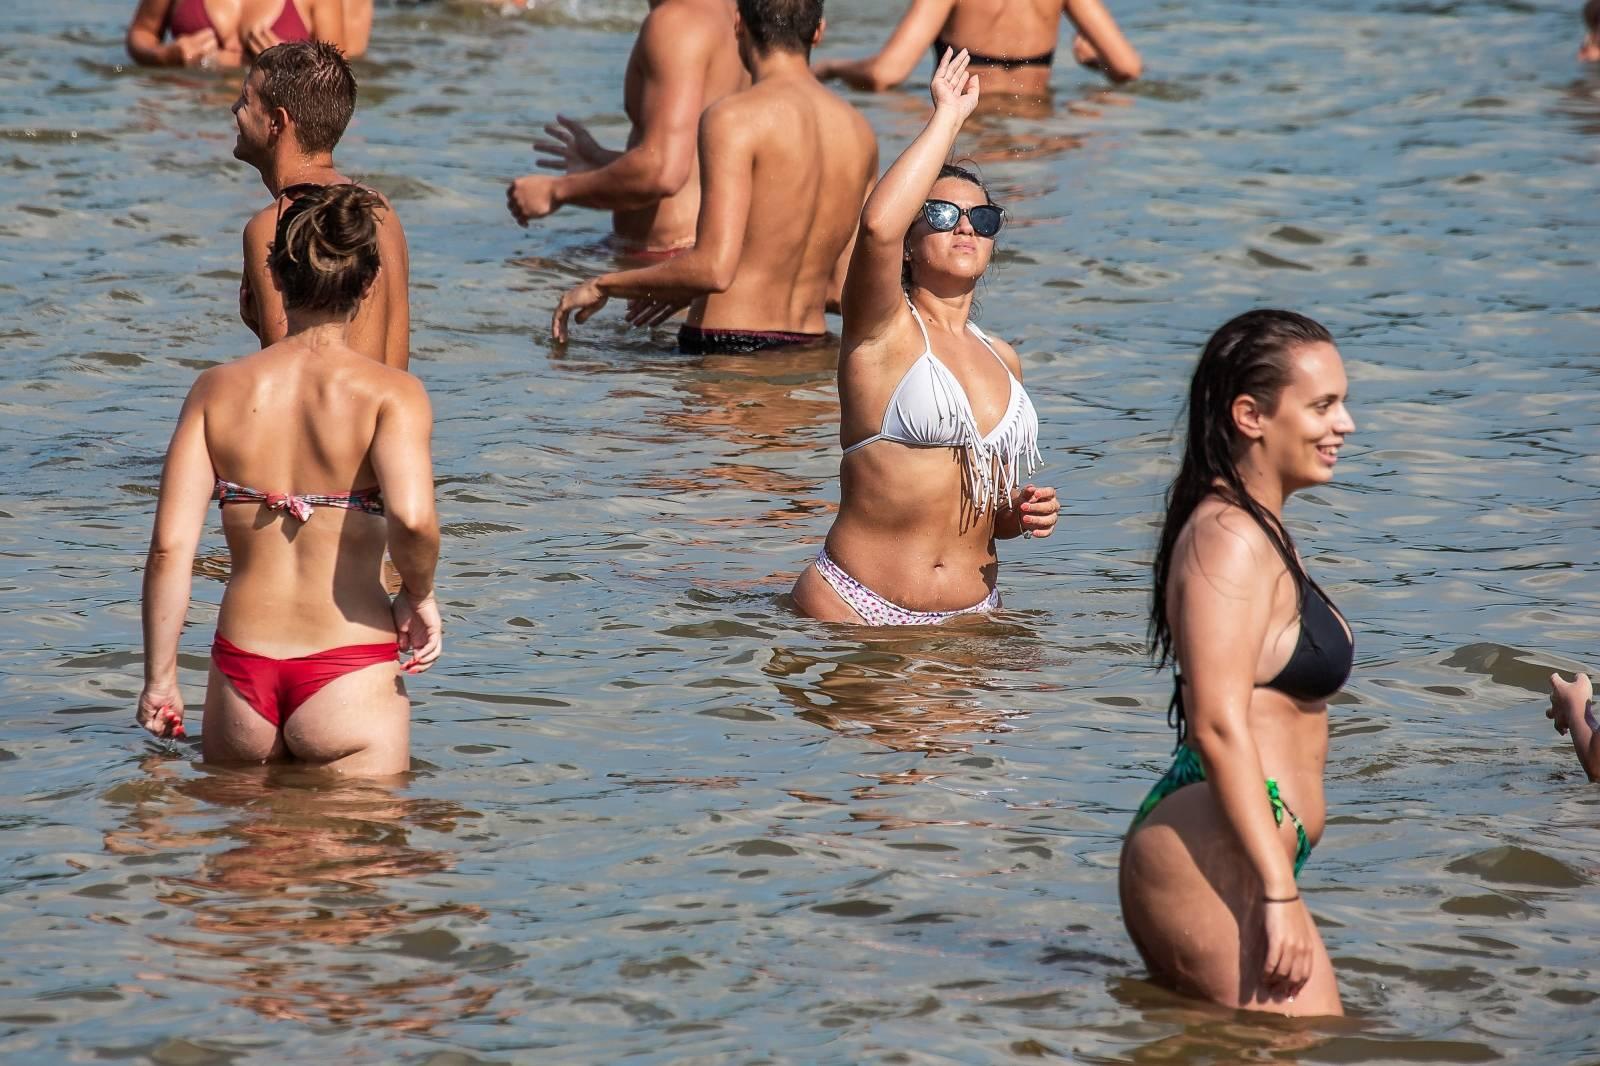 Osječka Copacabana prepuna posjetitelja željnih osvježenja od vrućine